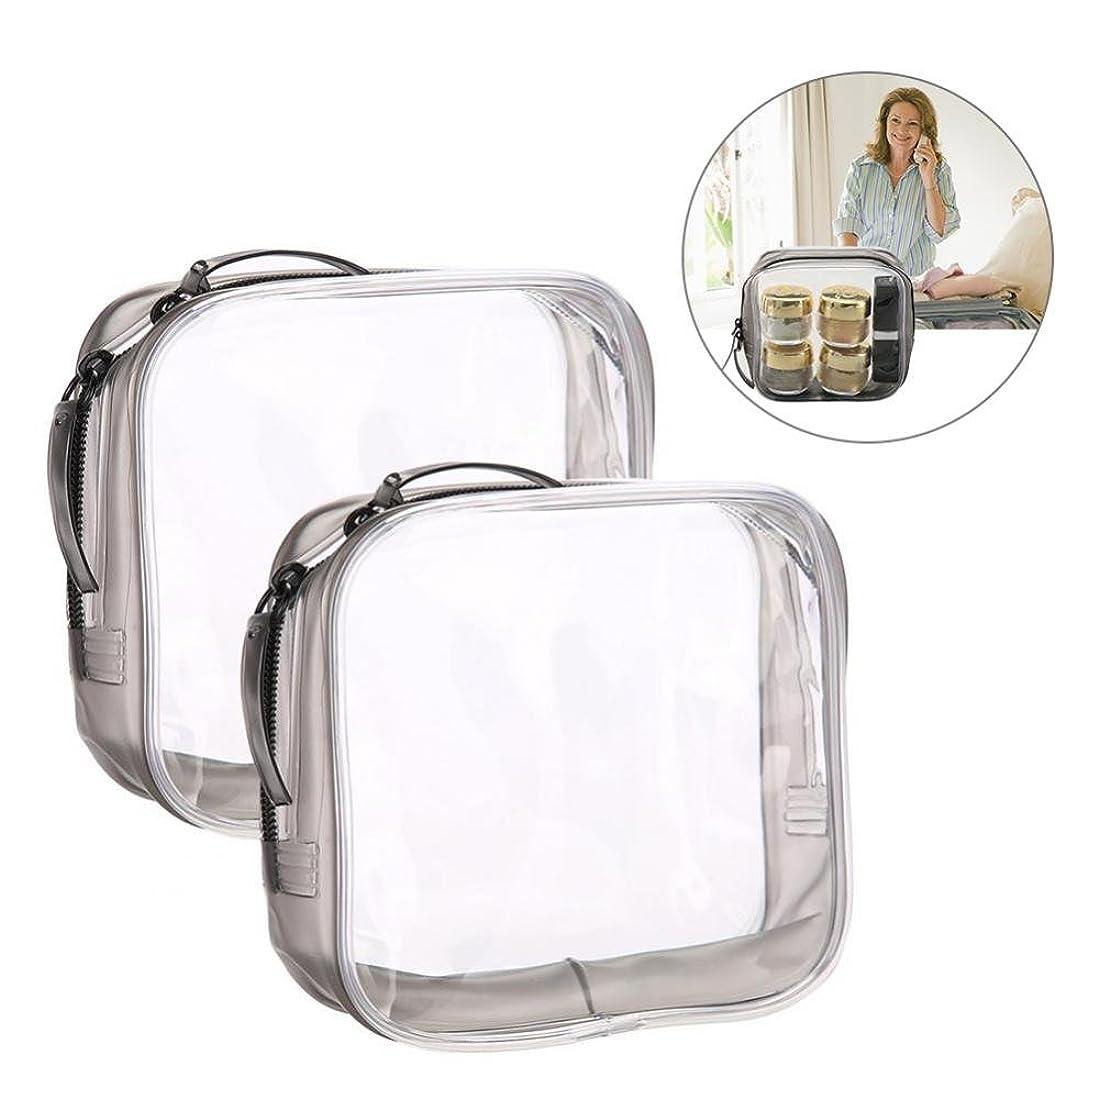 細分化する情報定期的なメイクアップバッグ、旅行&家庭用の収納トイレタリーの透明PVC化粧品バッグ (S)